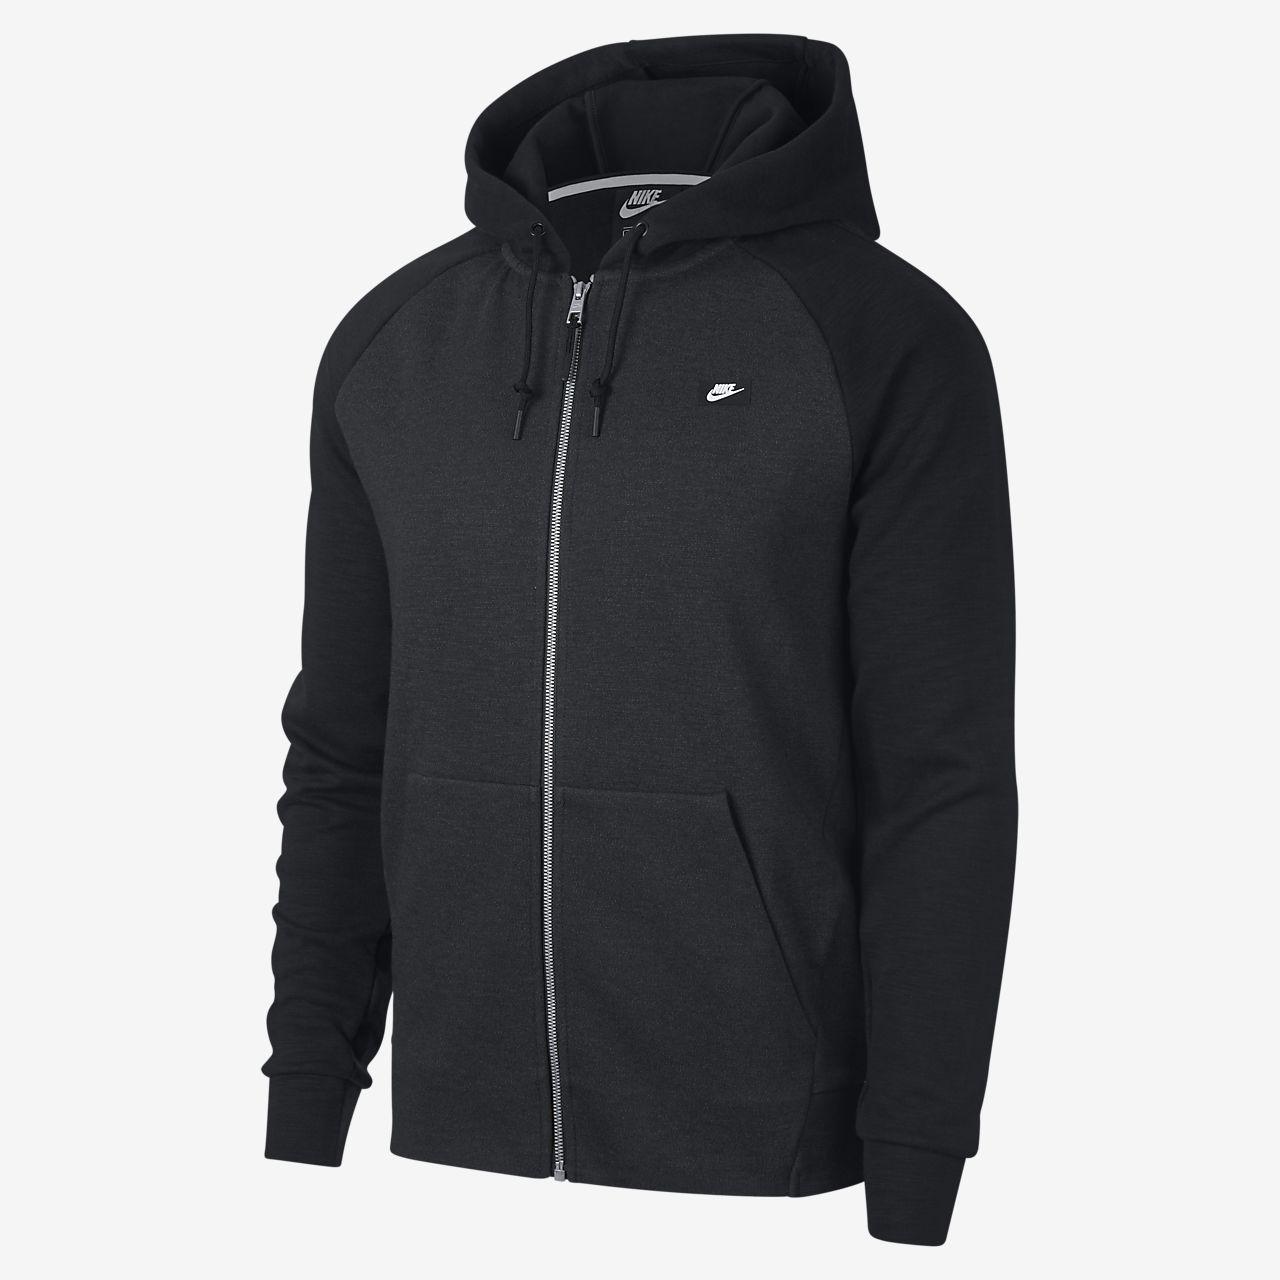 Nike Sportswear Optic Sudadera con capucha con cremallera completa - Hombre 1c2a10c440a3c